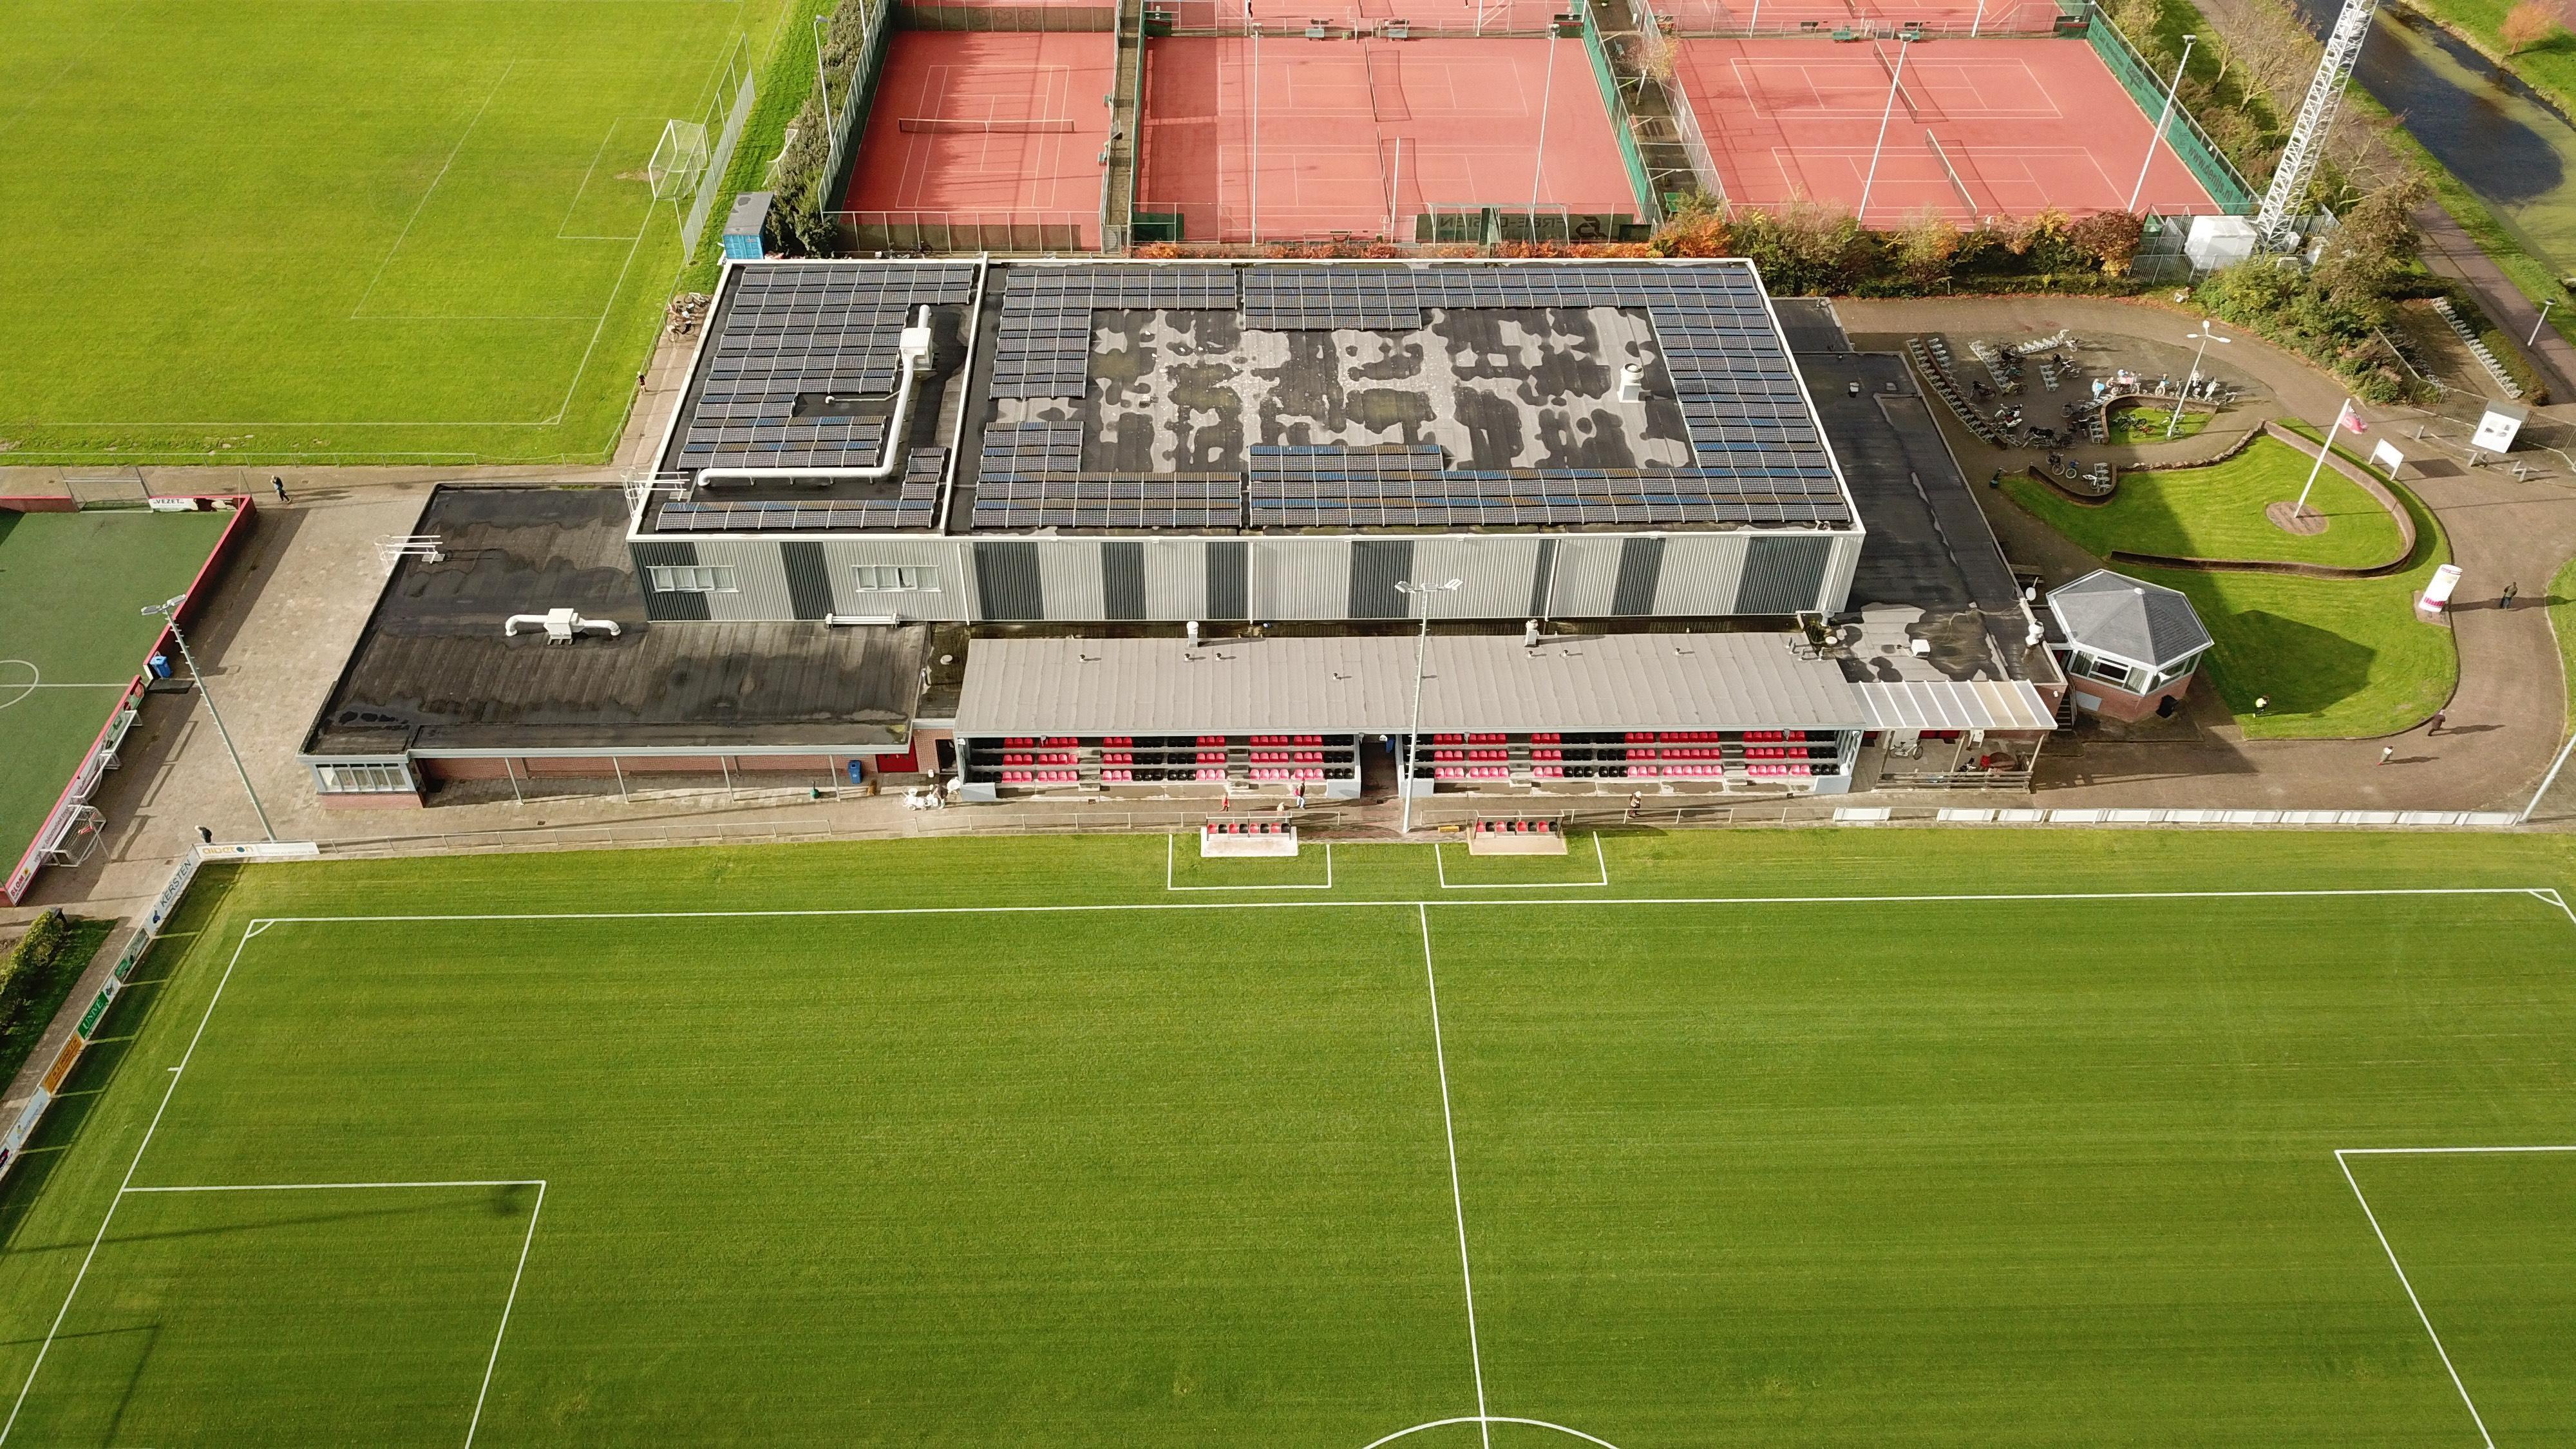 De Doorbraak in Warmenhuizen klaar voor de toekomst: vergroening bezorgt sporthalcomplex een flinke 'energieboost' - Noordhollands Dagblad